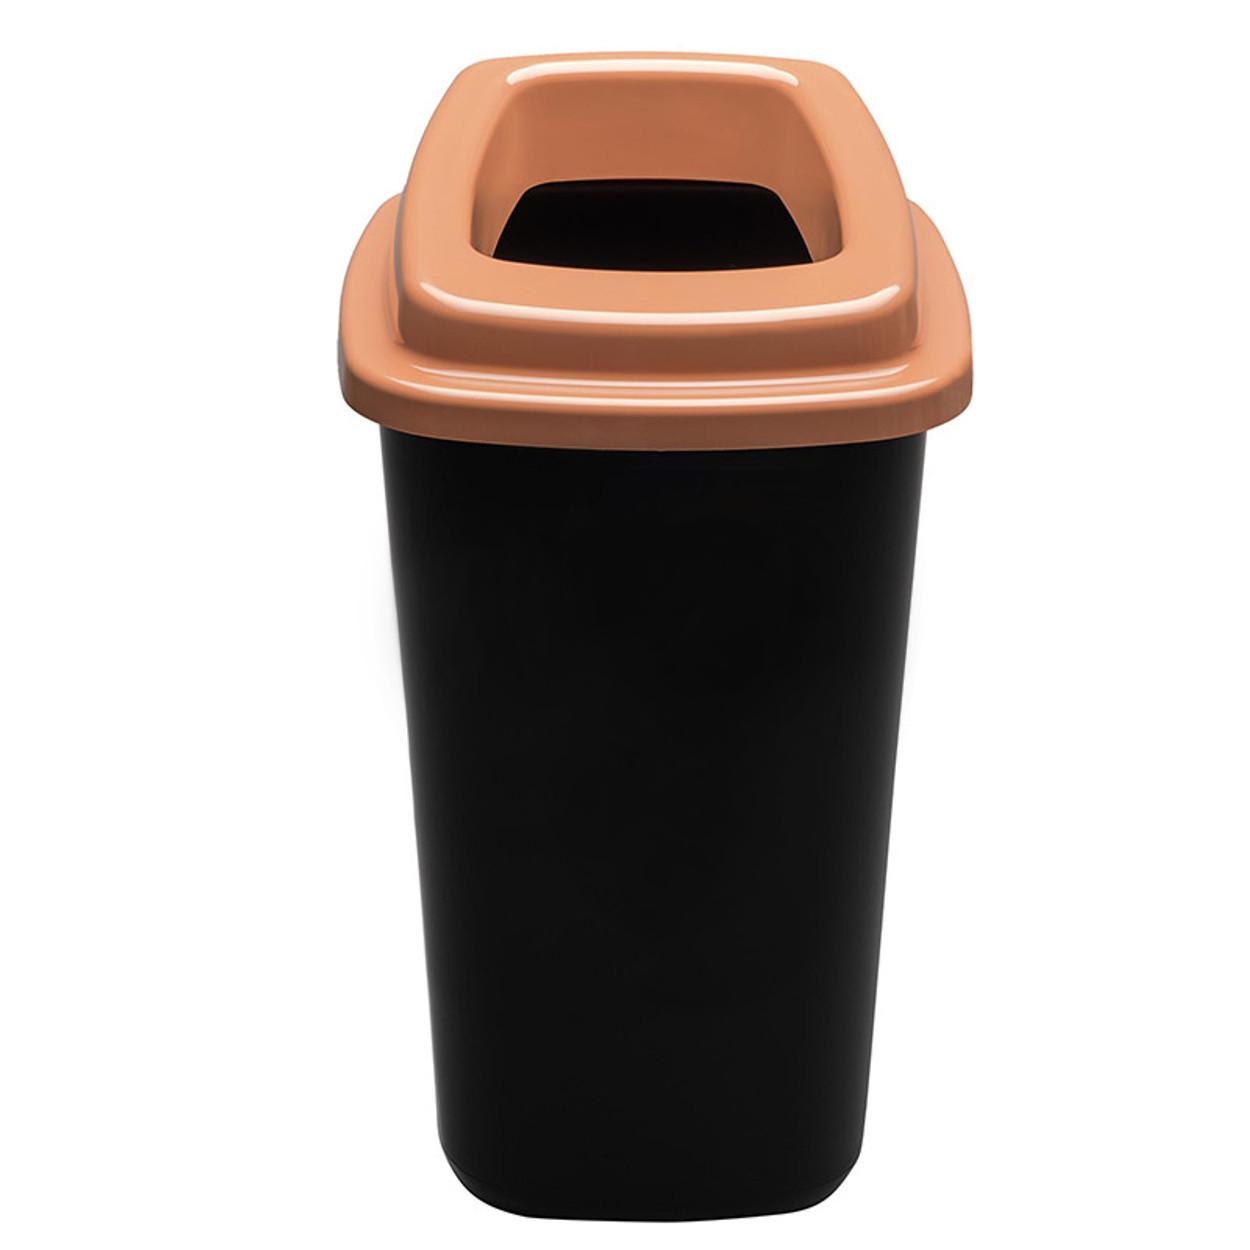 Plastový koš na tříděný odpad, 90 l, hnědá